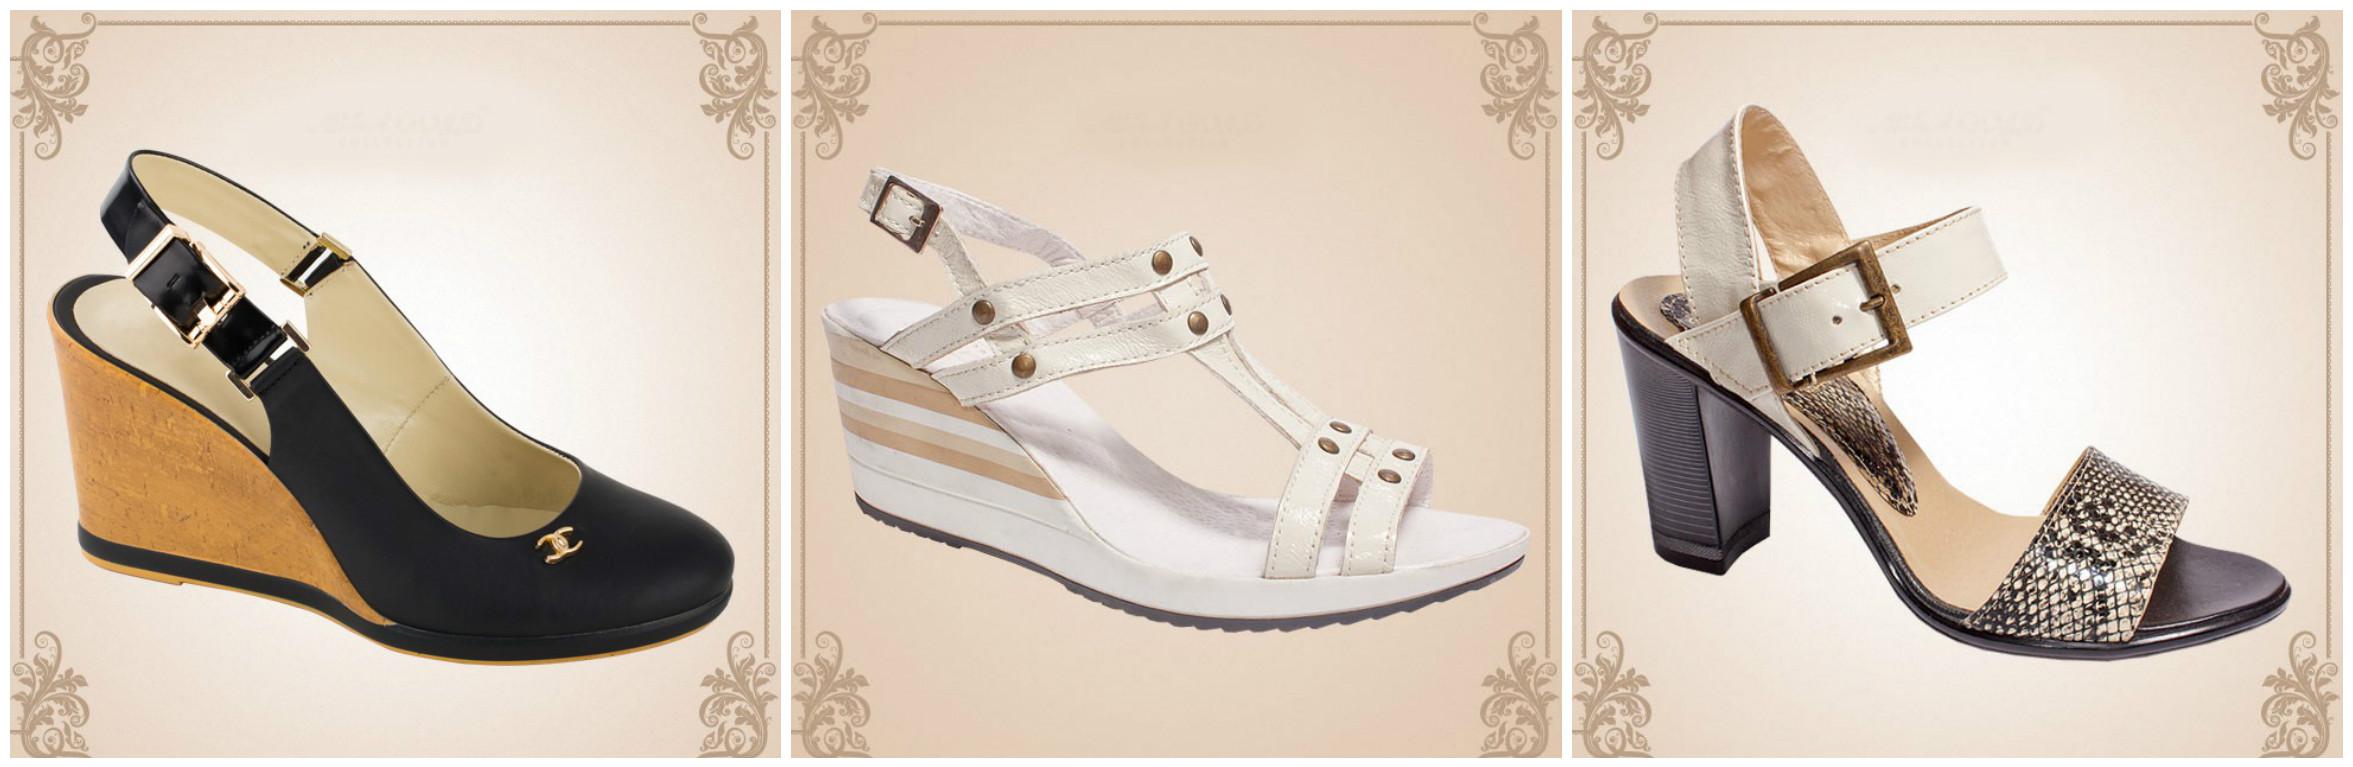 Сбор заказов. Комфортная обувь для не самых комфортных условий. Шикарная коллекция весна-лето!! Только натуральная кожа и замша. По доступным ценам. Без рядов. Выкуп -5